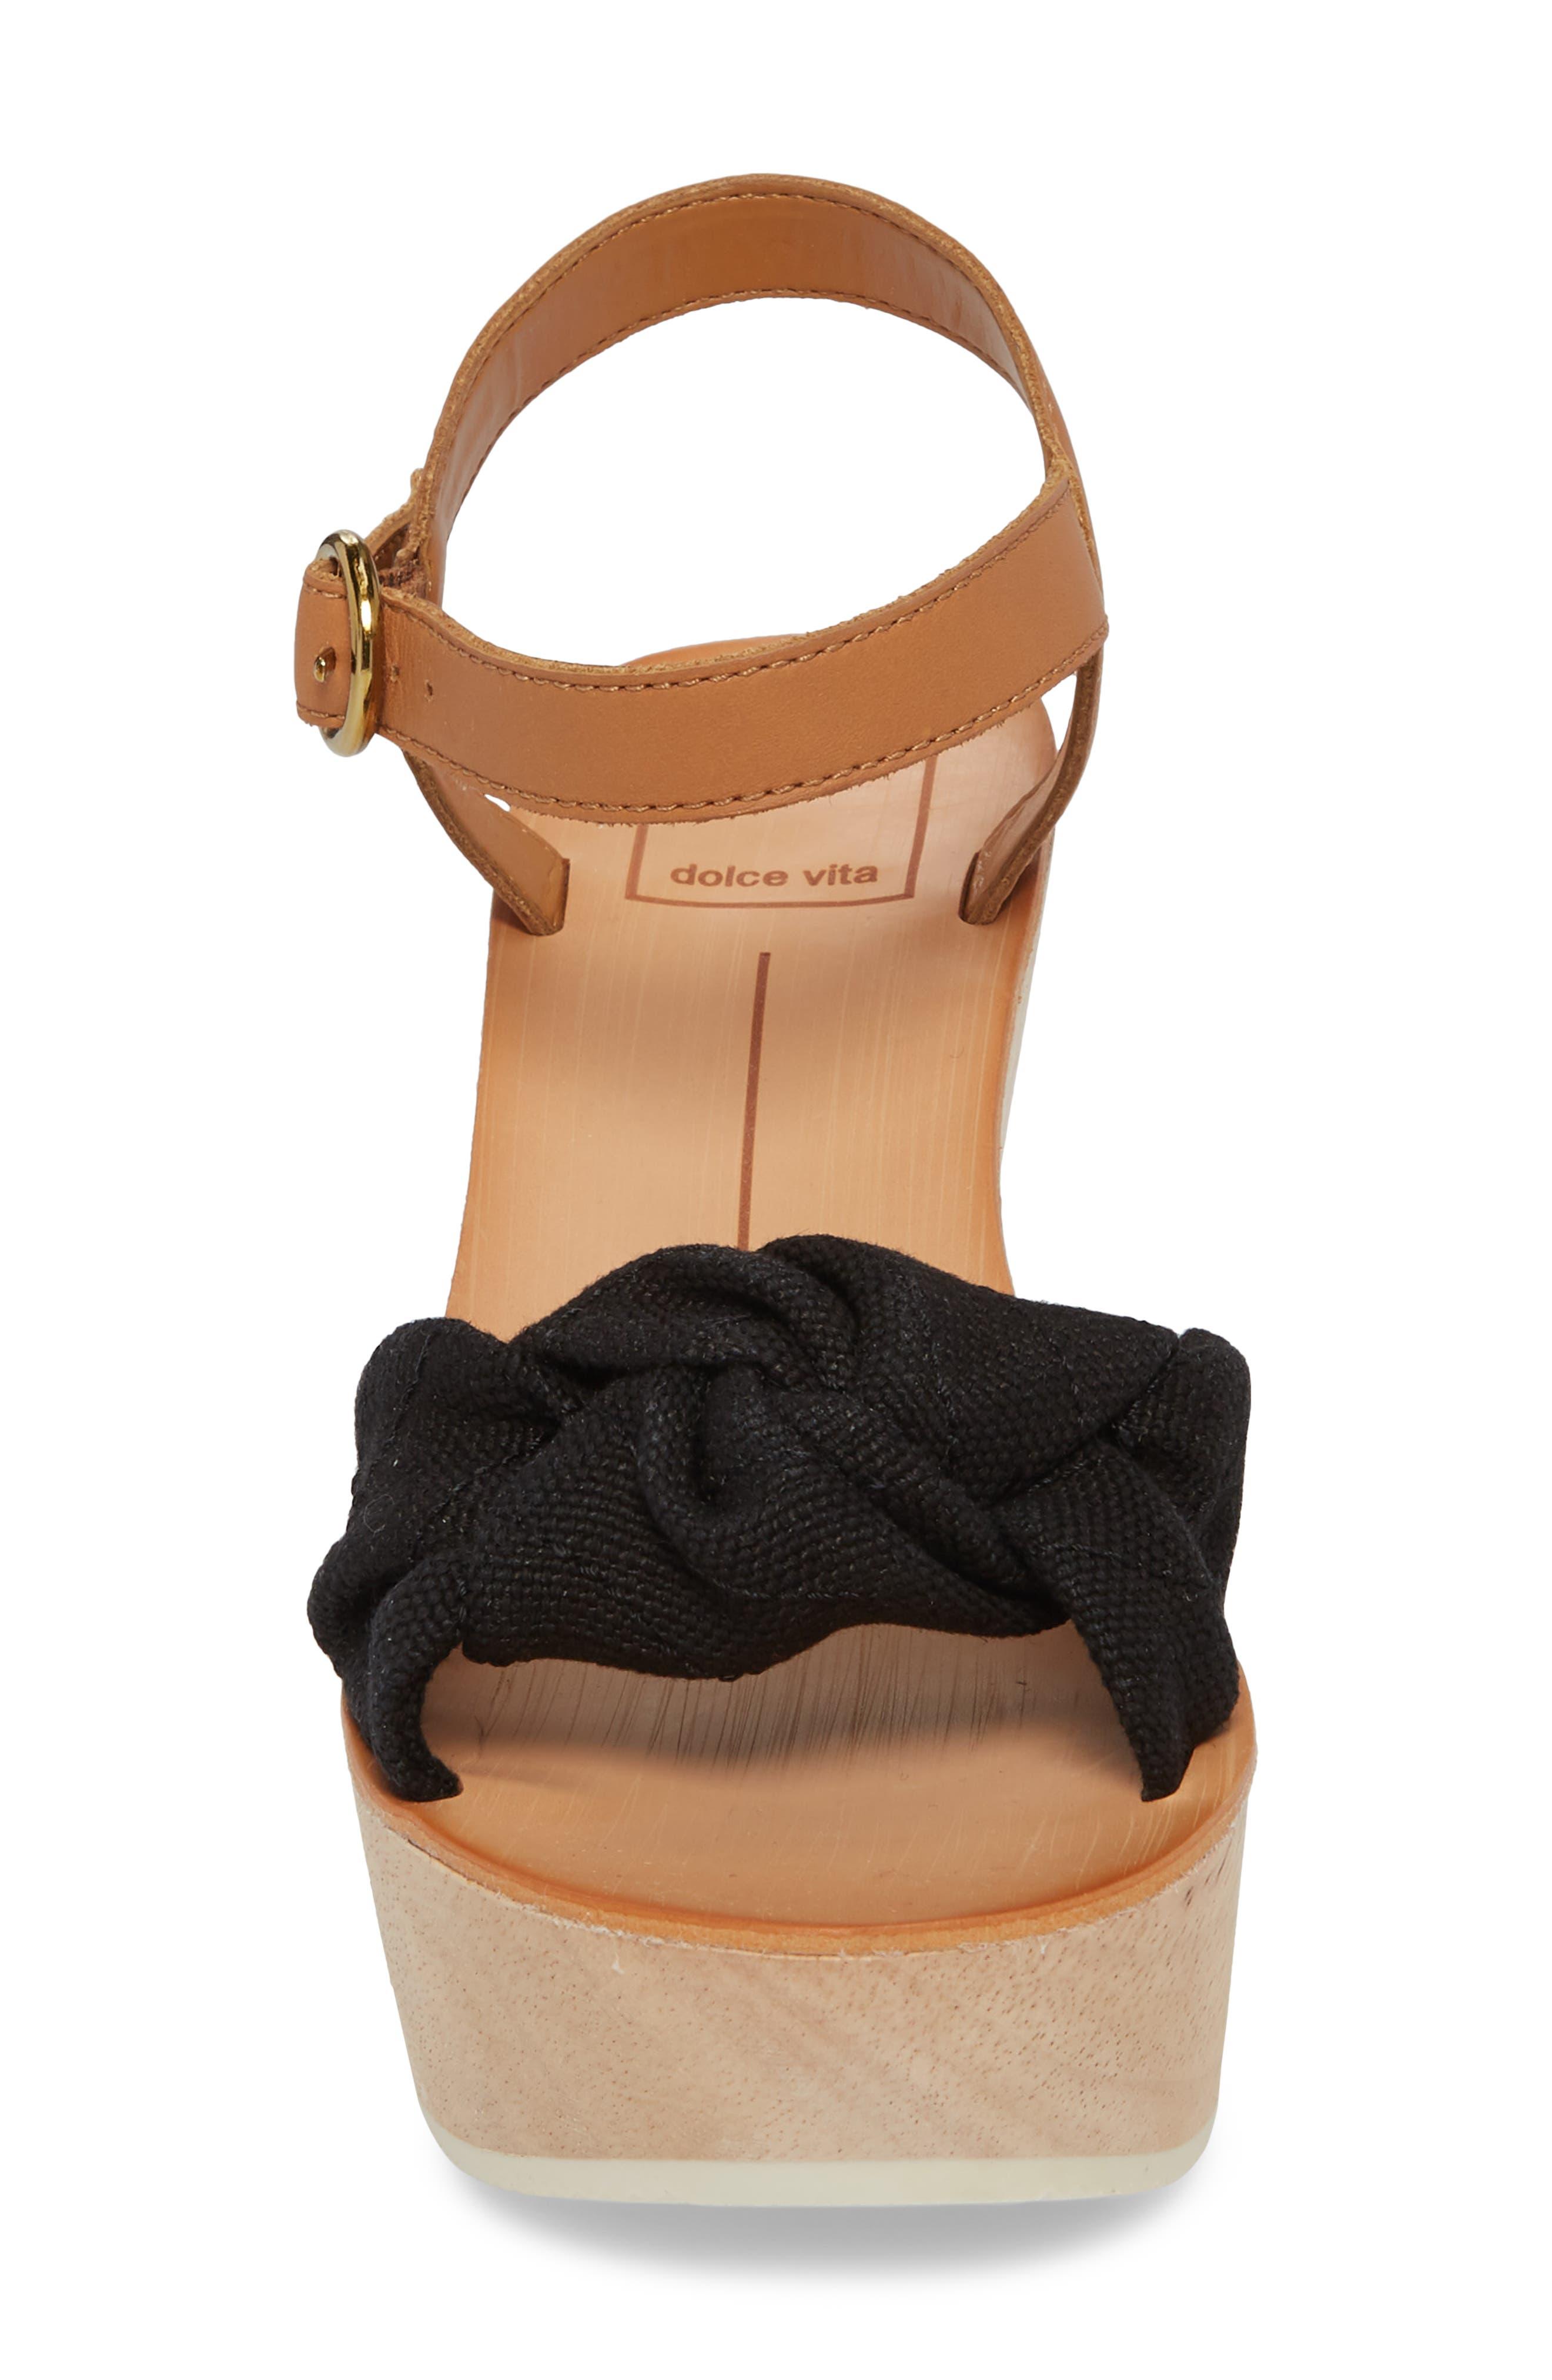 Shia Knotted Platform Sandal,                             Alternate thumbnail 4, color,                             001